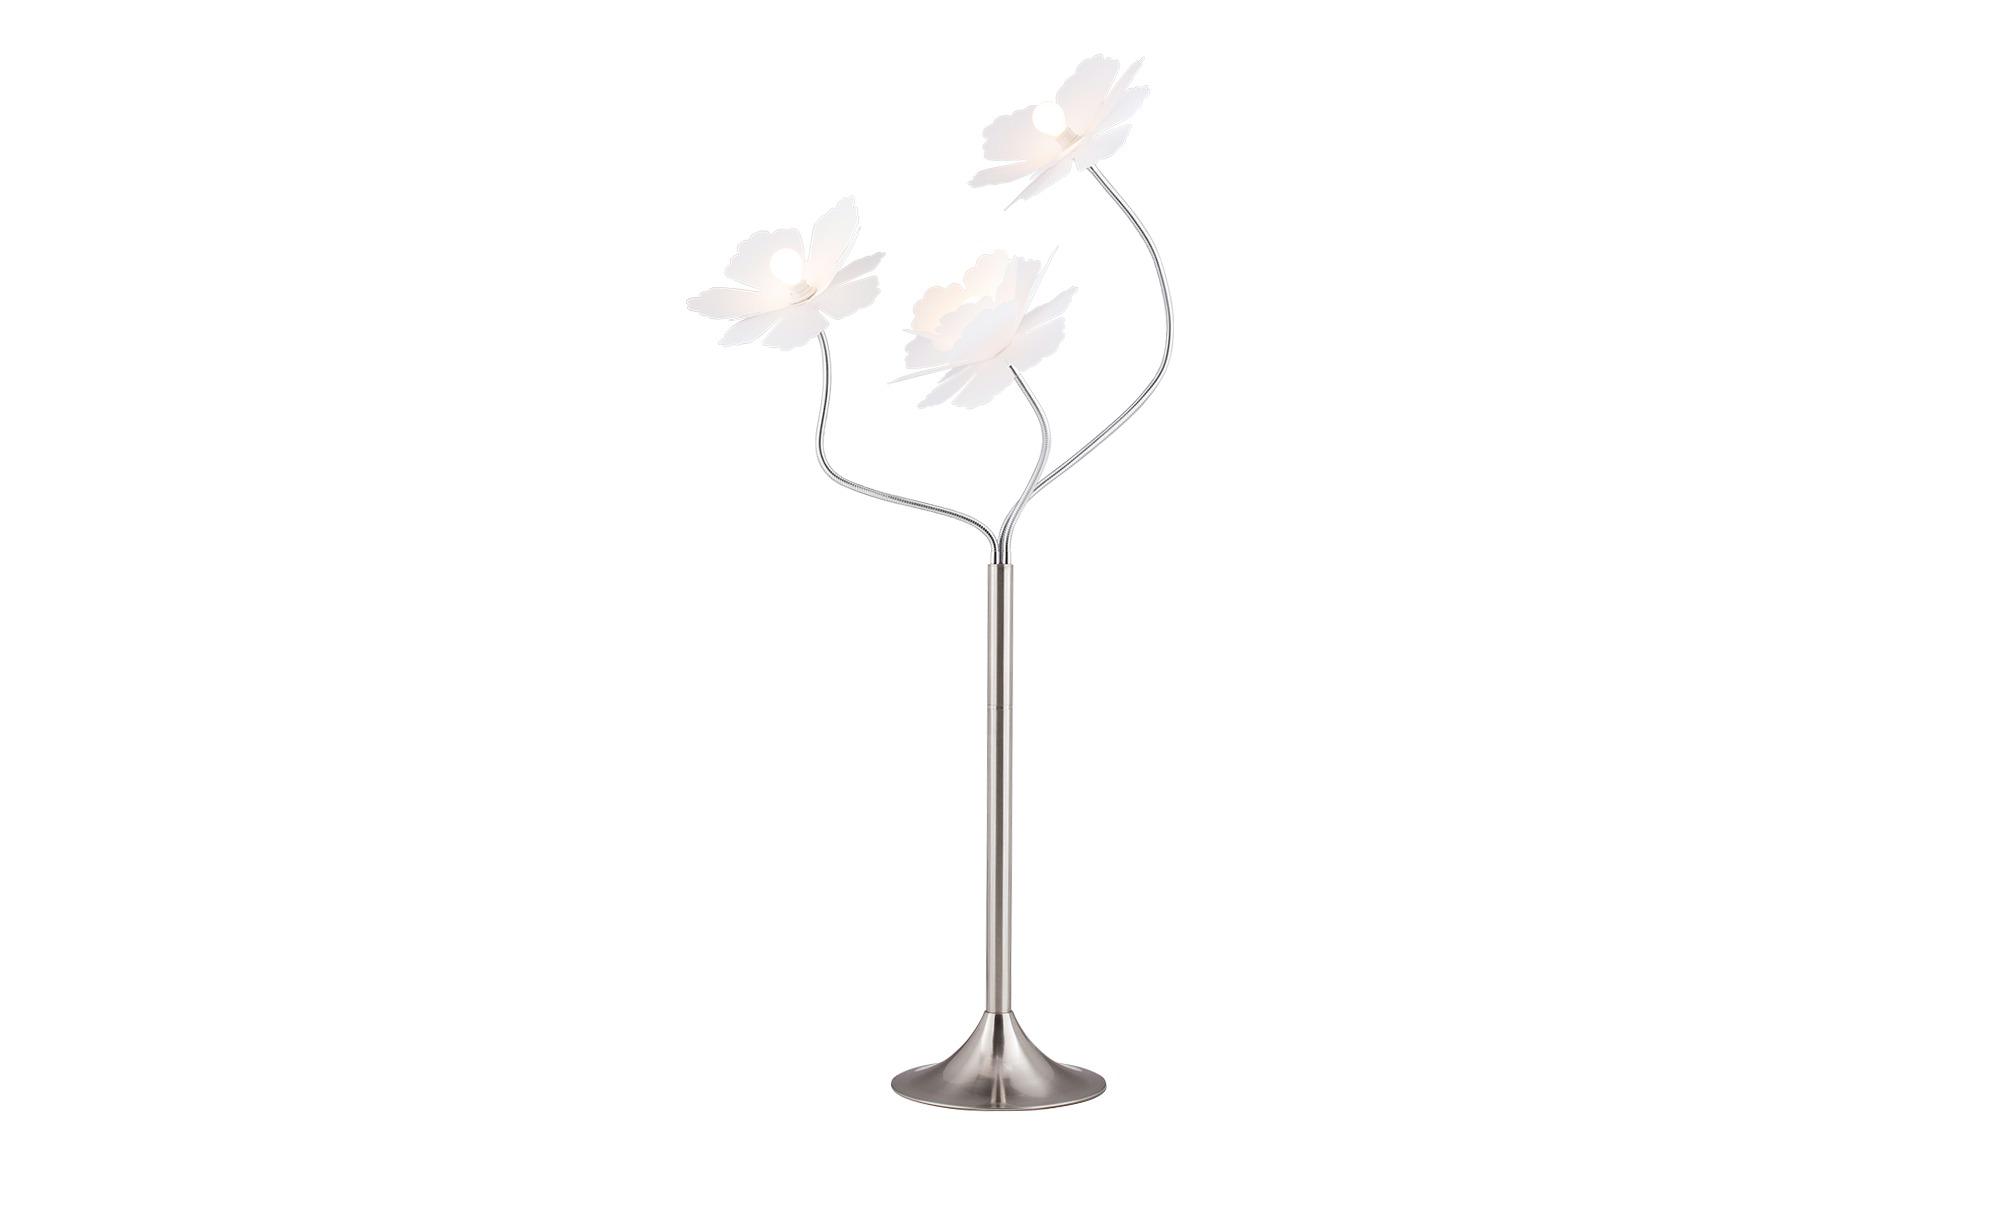 for friends Stehleuchte mit 3 weißen Blüten-Schirmen ¦ silber ¦ Maße (cm): H: 160 Ø: 40 Lampen & Leuchten > Innenleuchten > Stehlampen - Höffner